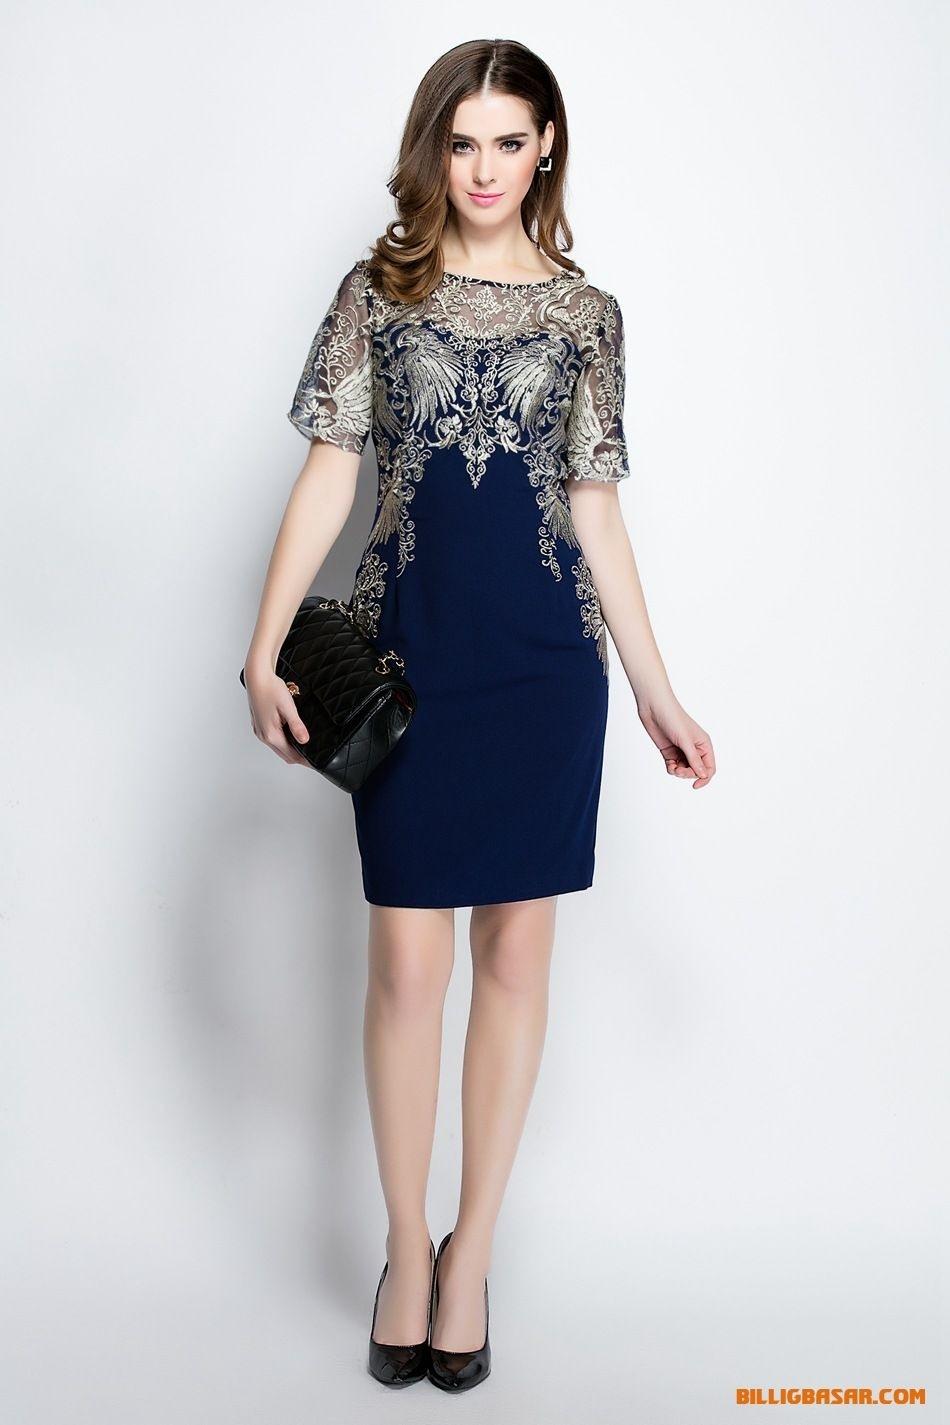 Formal Erstaunlich Schöne Alltagskleider Ärmel10 Perfekt Schöne Alltagskleider Design